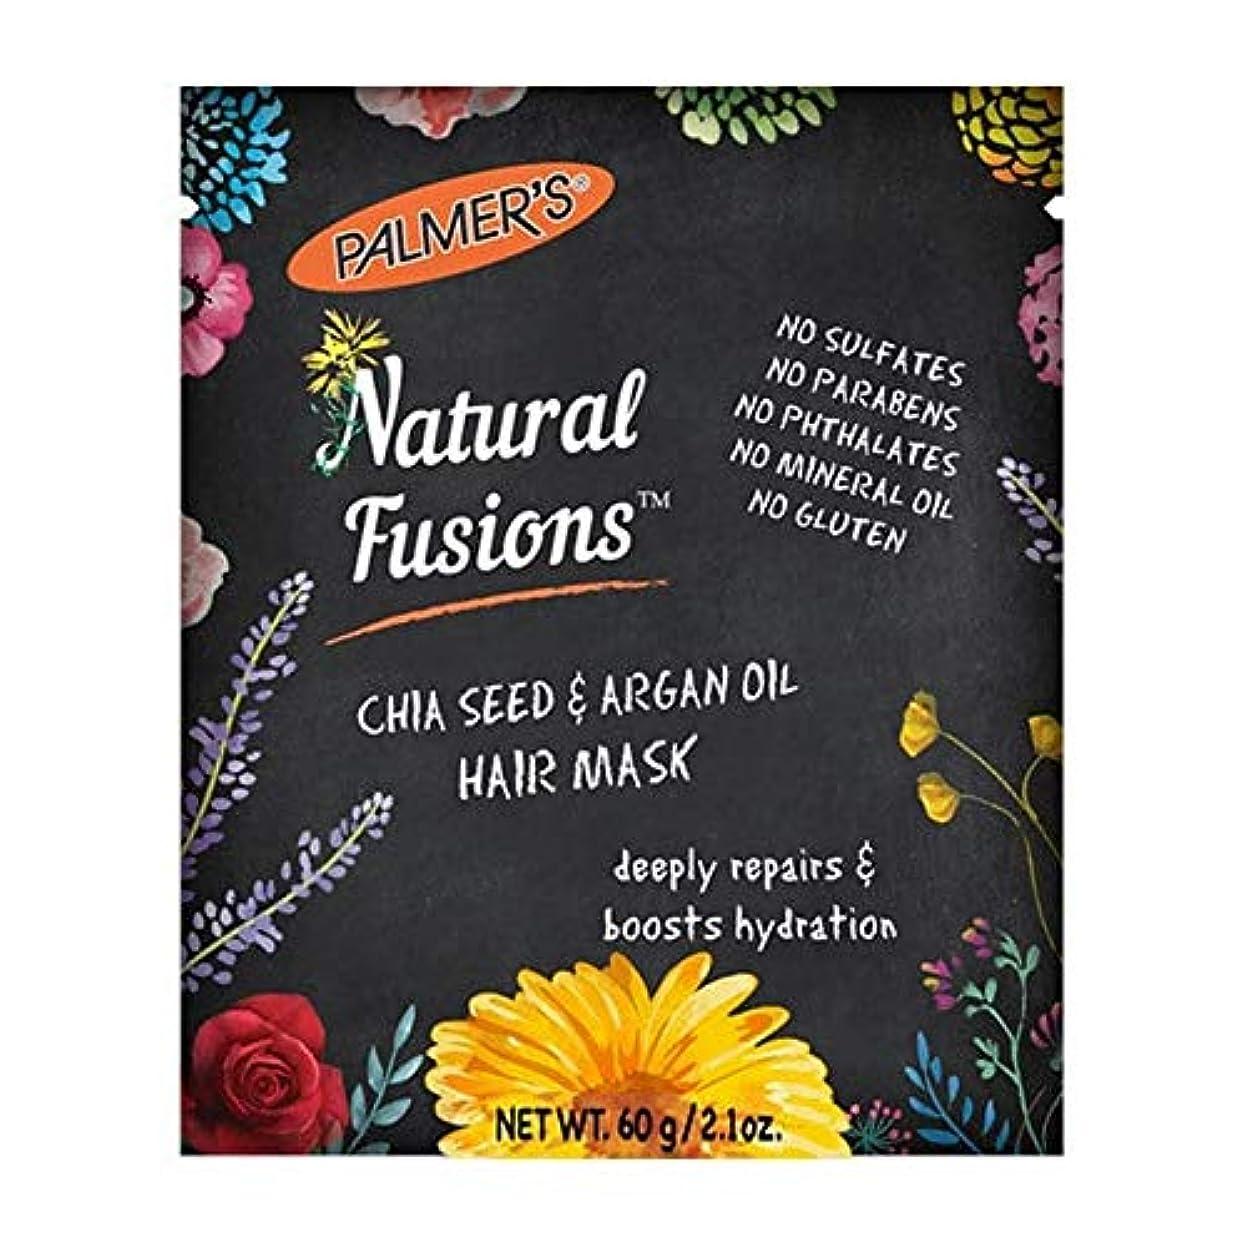 面倒差し控えるお金ゴム[Palmer's ] パーマーの自然な融合チアシード&アルガンオイルヘアマスク60グラム - Palmer's Natural Fusions Chia Seed & Argan Oil Hair Mask 60g [...